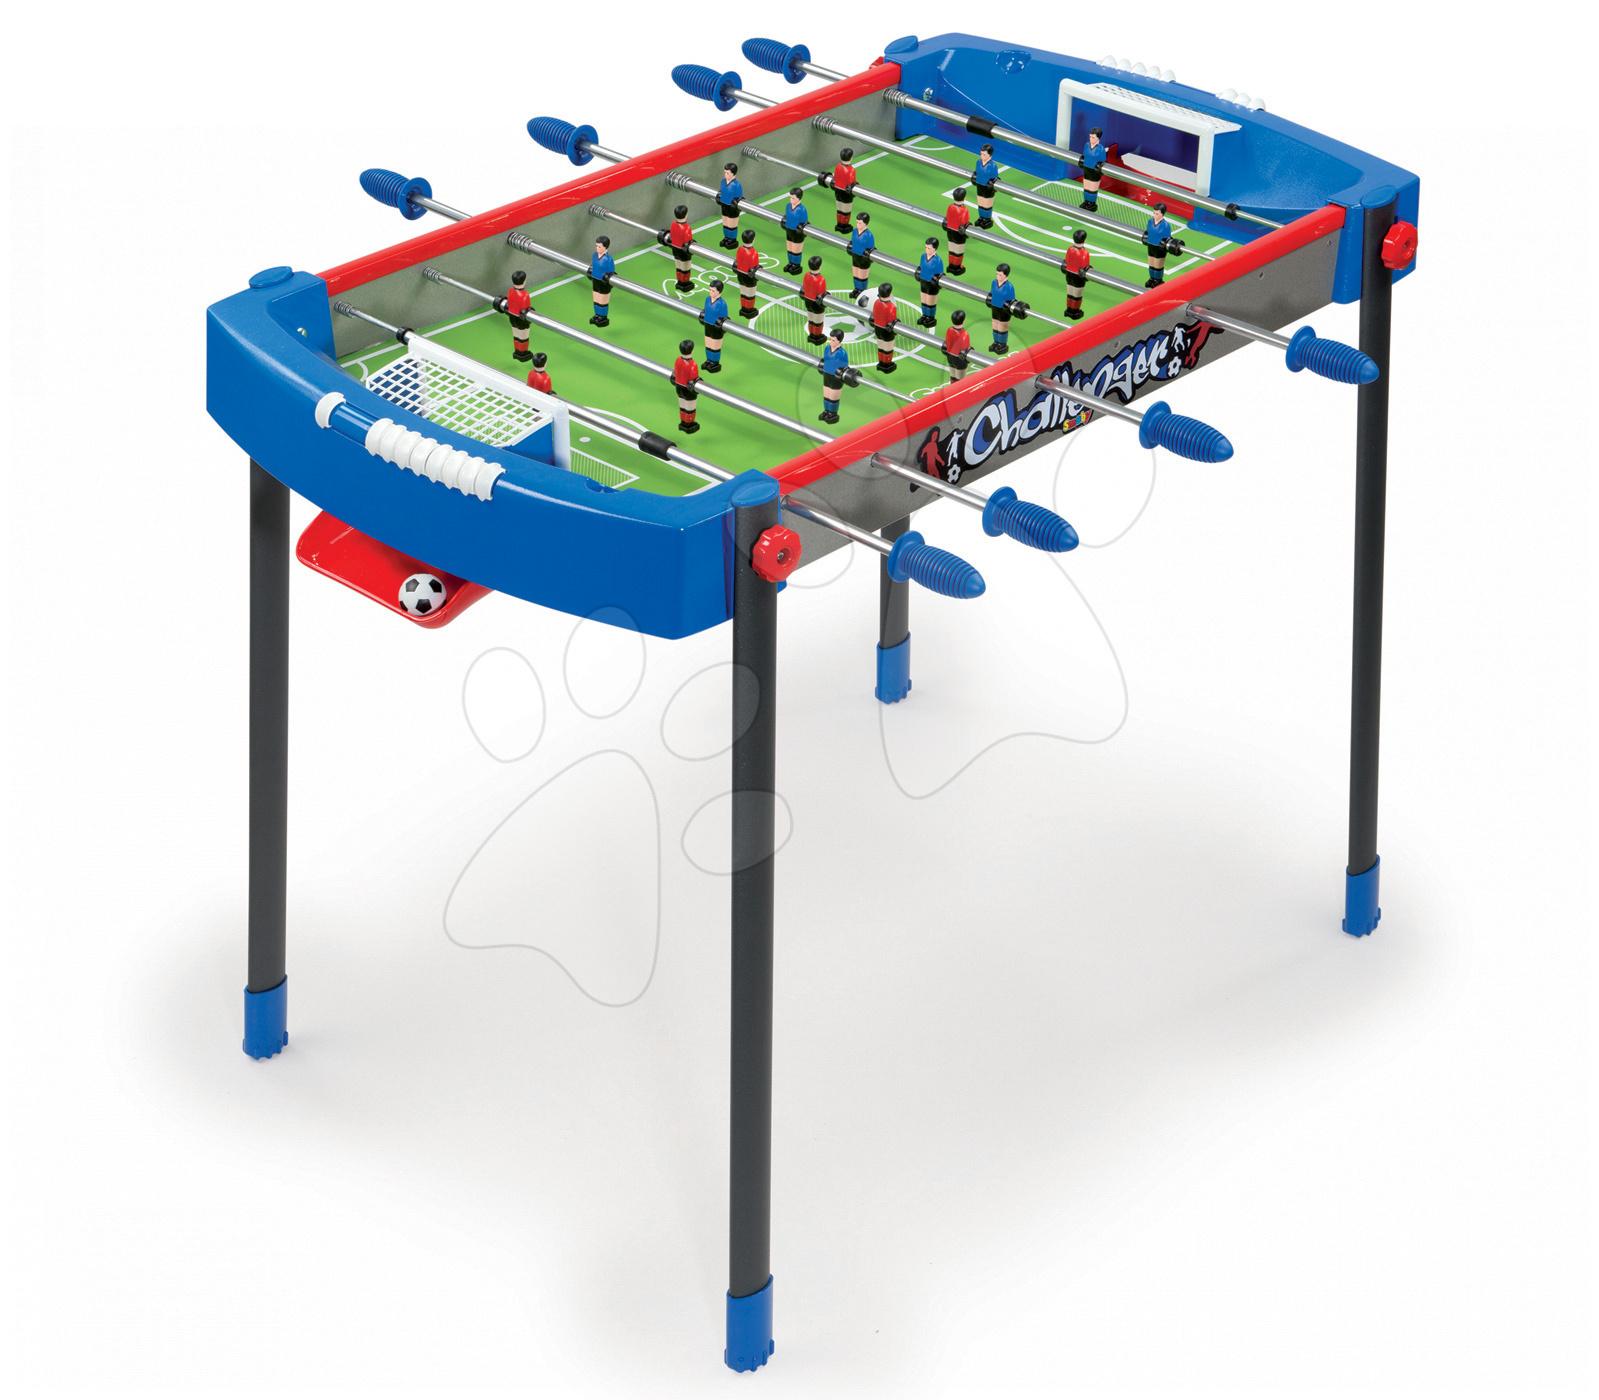 Futbalový stôl Challenger Smoby s 2 loptičkami modro-červený od 6 rokov